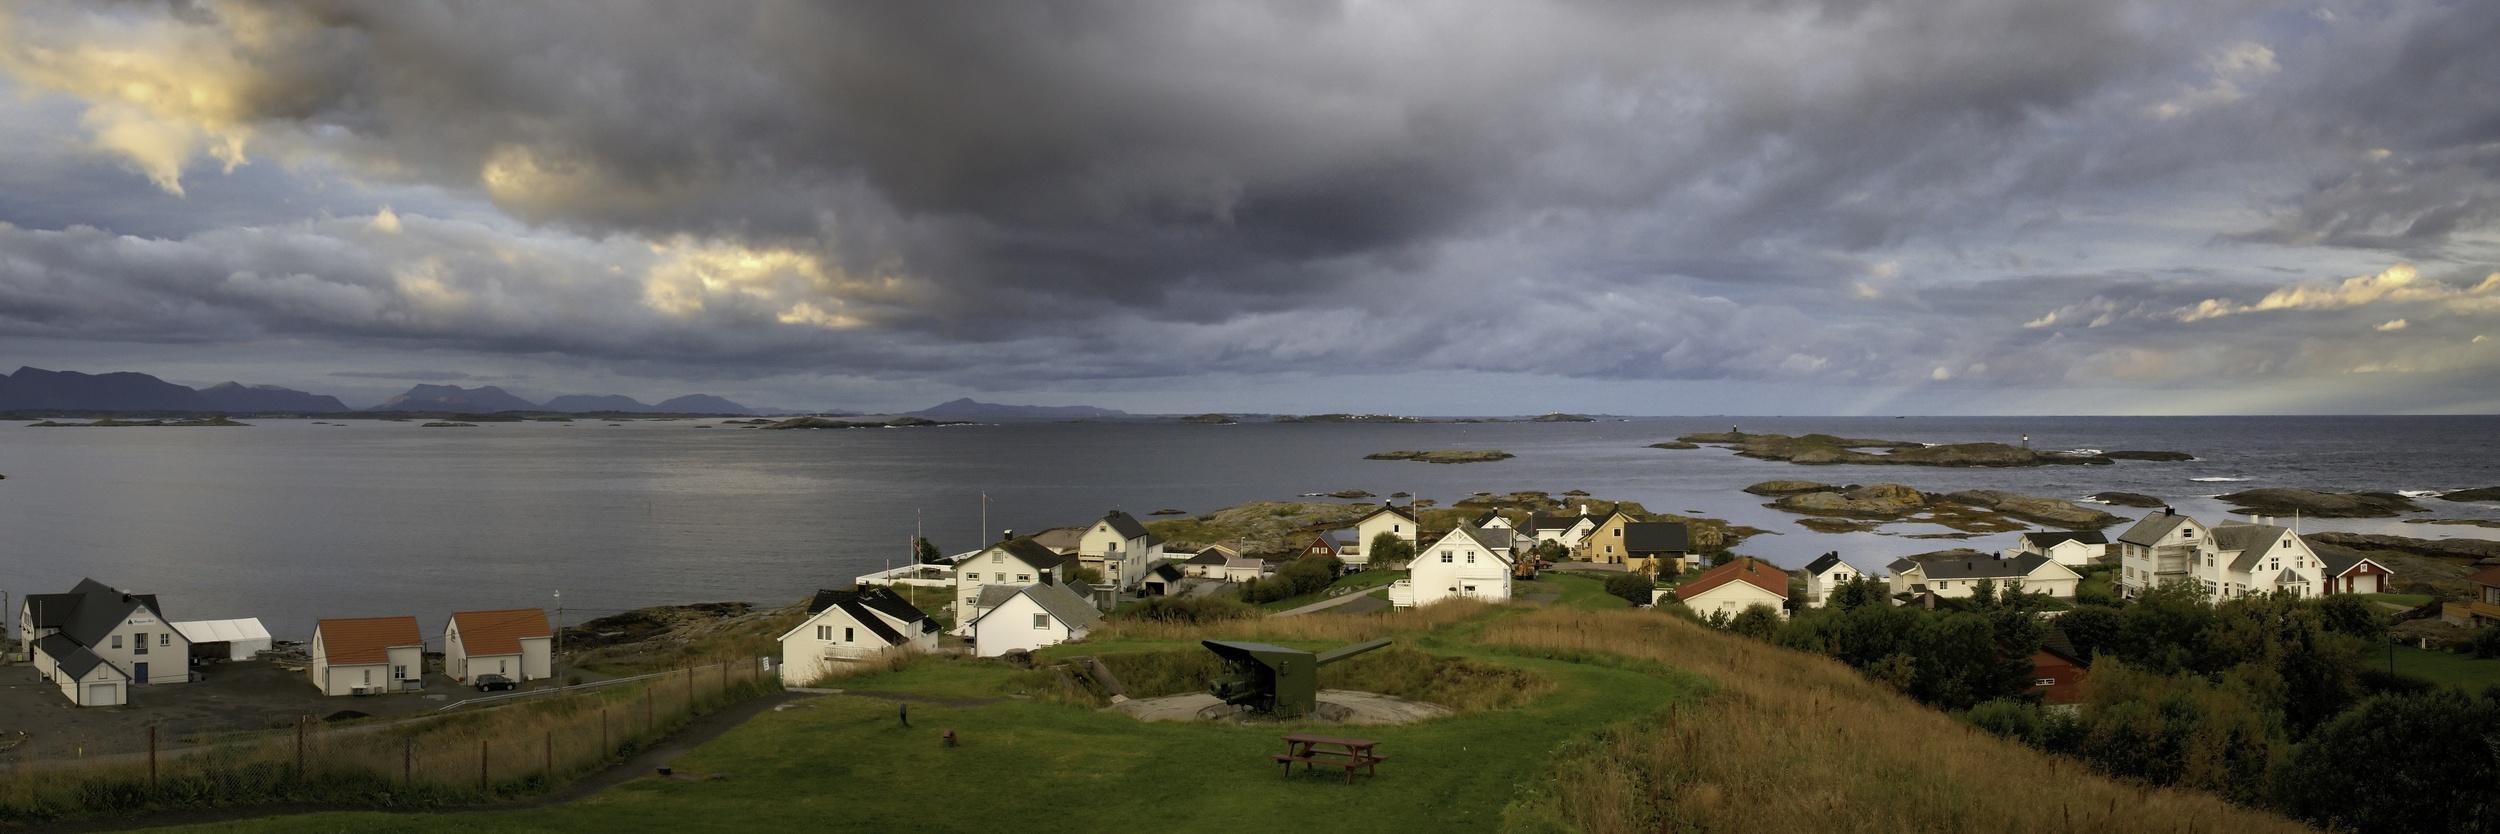 Photo by Helge Stikbakke for Statens Vegvesen.